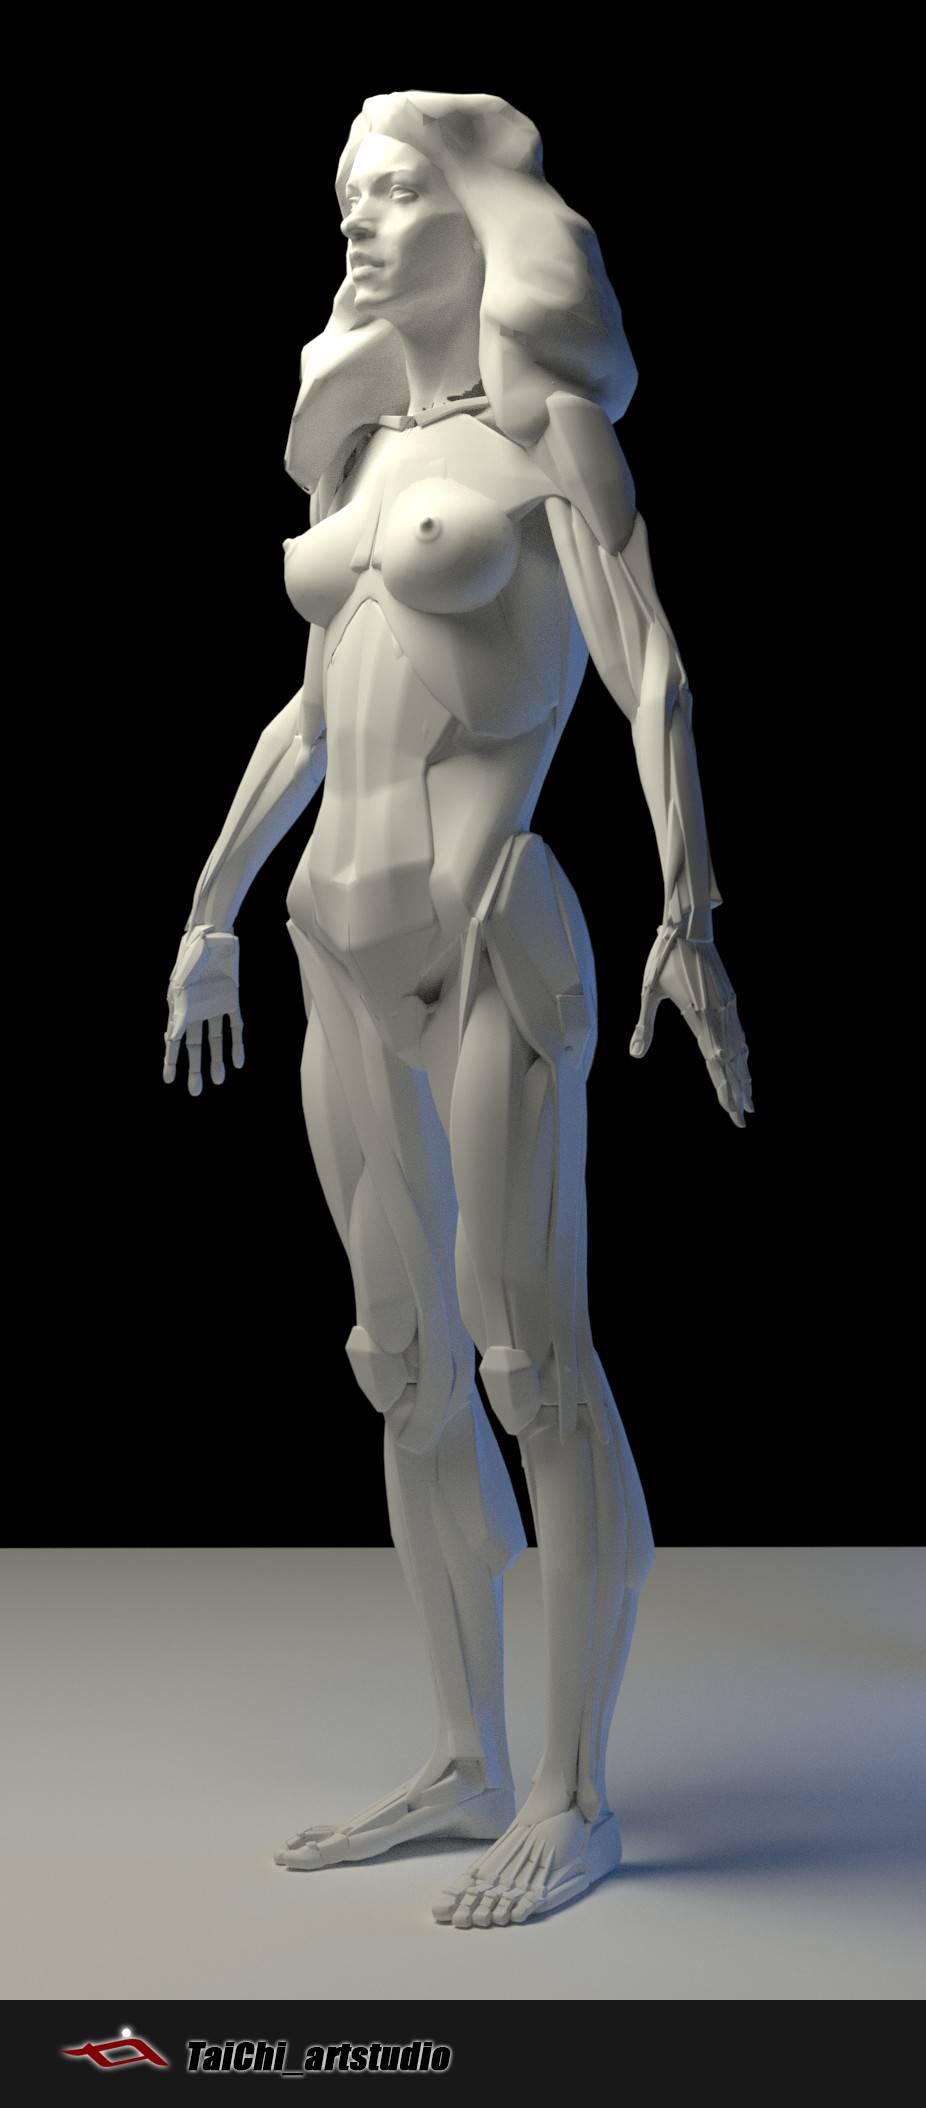 非常不错的人体分面图,美术练习的好东西! - R 站 学习使我快乐! - 5